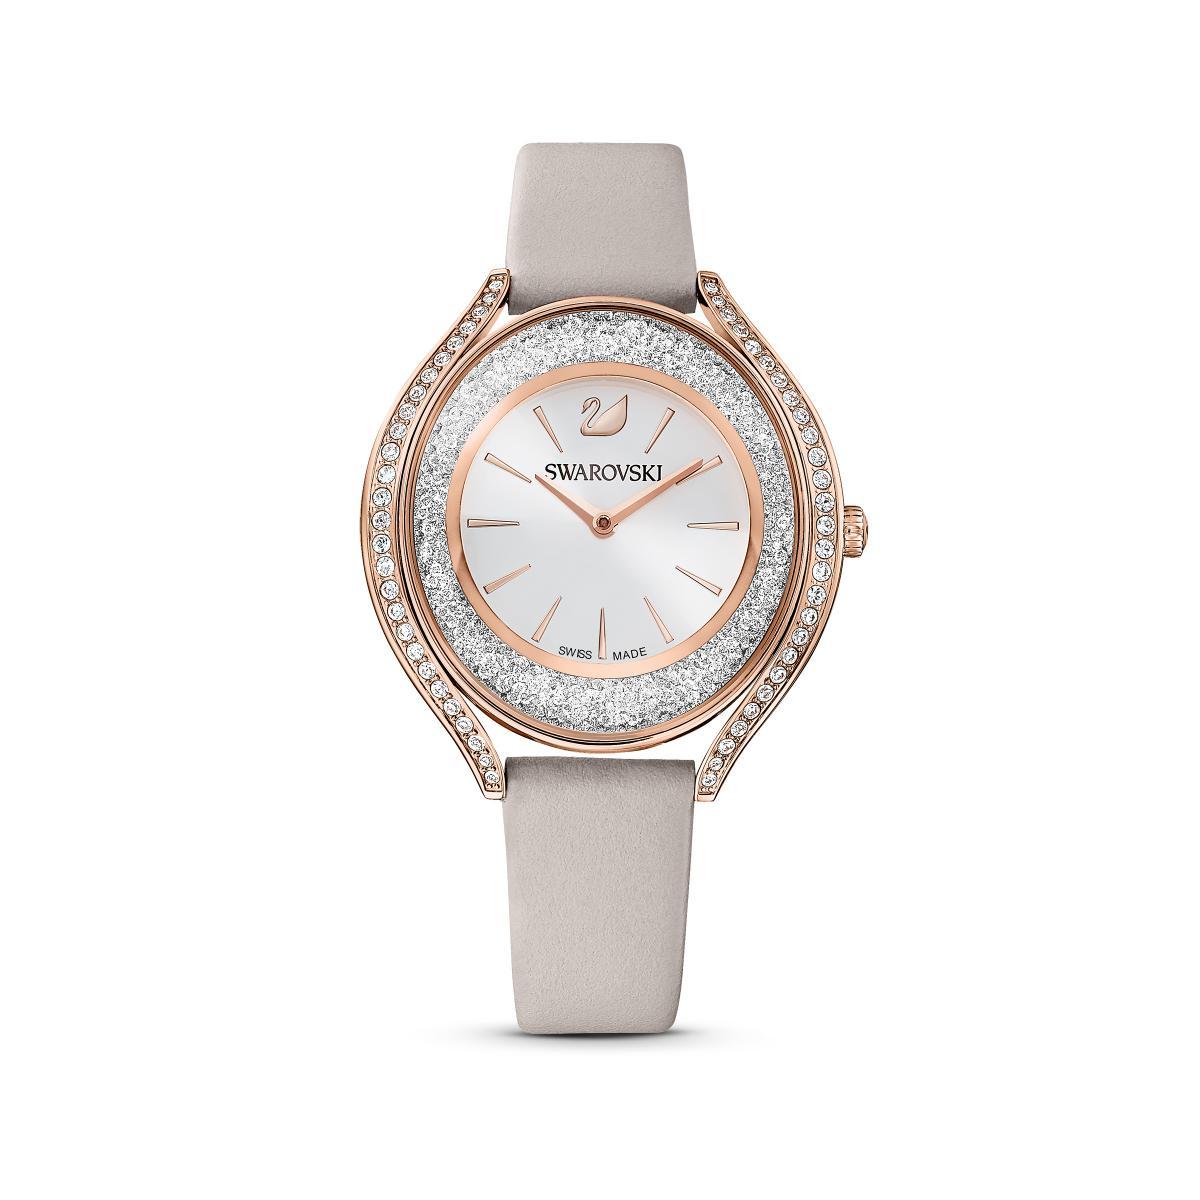 MONTRES 5519450 - CRYSTALLINE AURA - Swarovski montres - Modalova